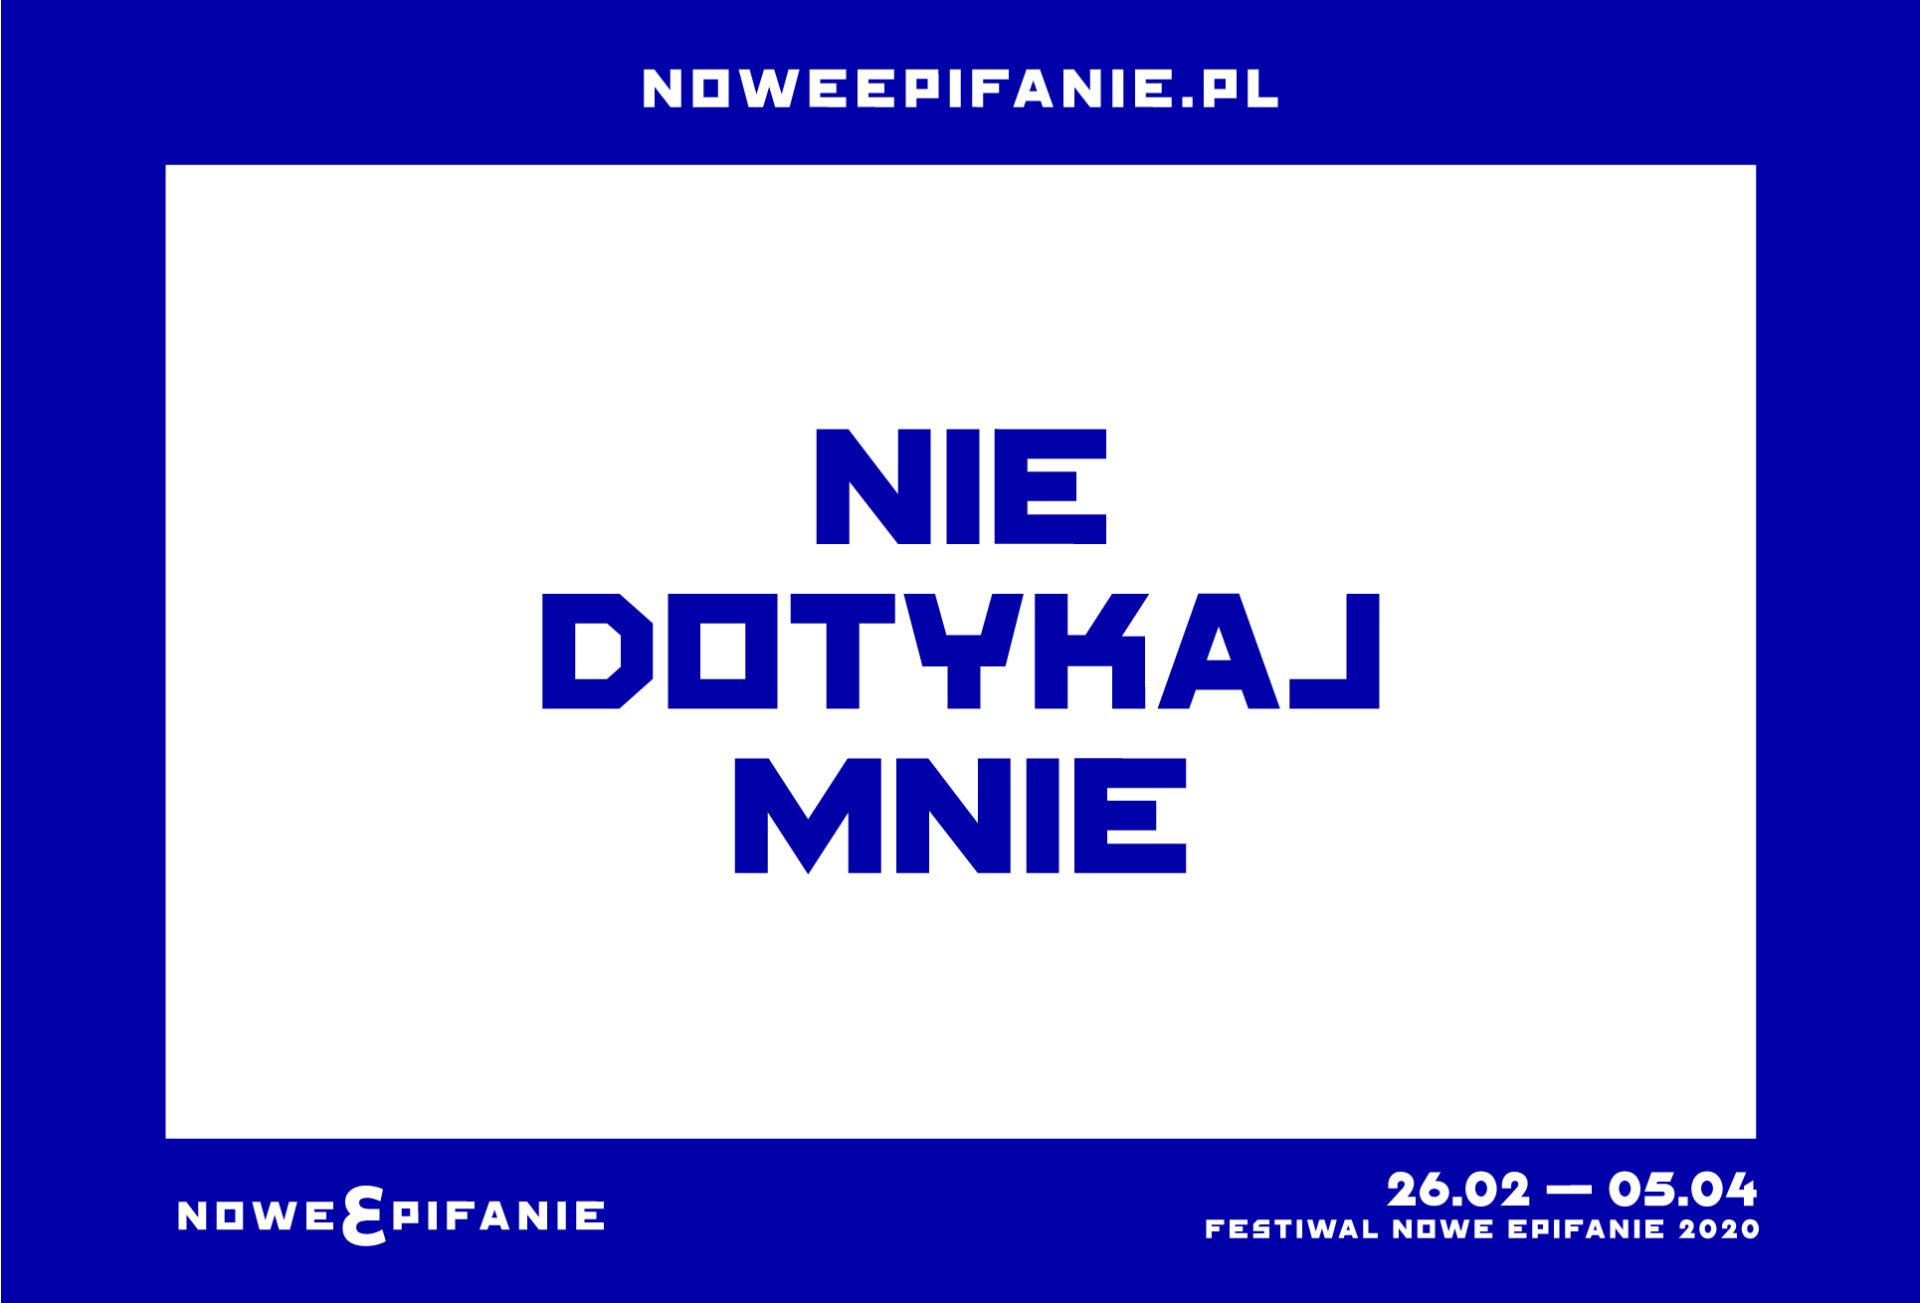 Pokazy filmowe festiwalu Nowe Epifanie wkinie Syrena